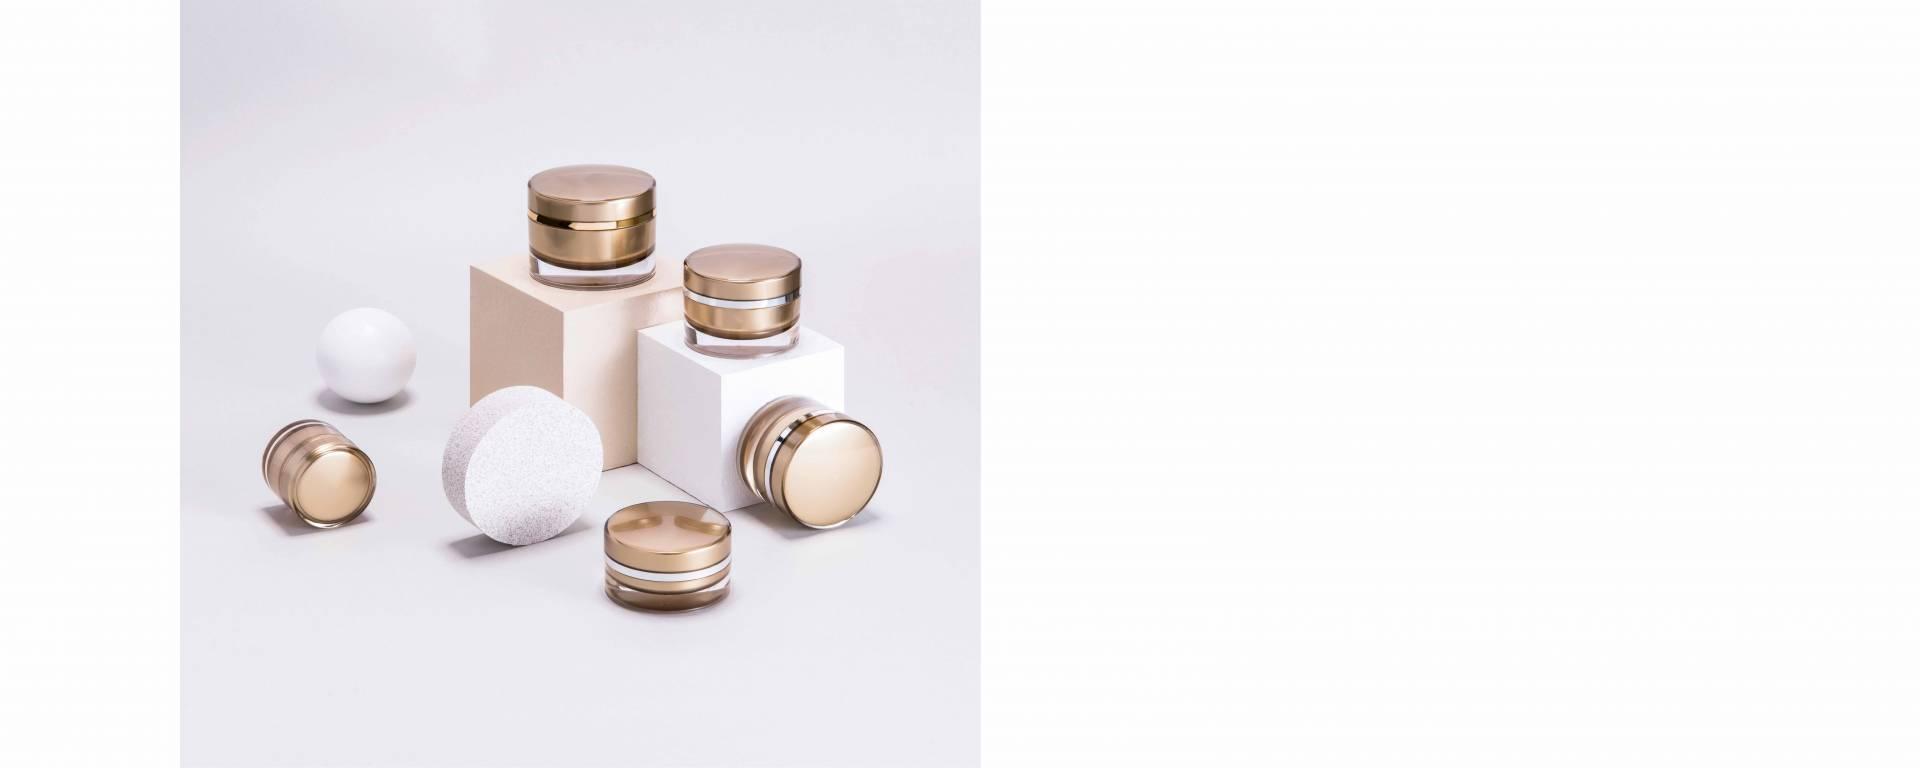 私たちはあなたを気にかけます 包装ニーズ スキンケアパッケージソリューションの多様な選択肢